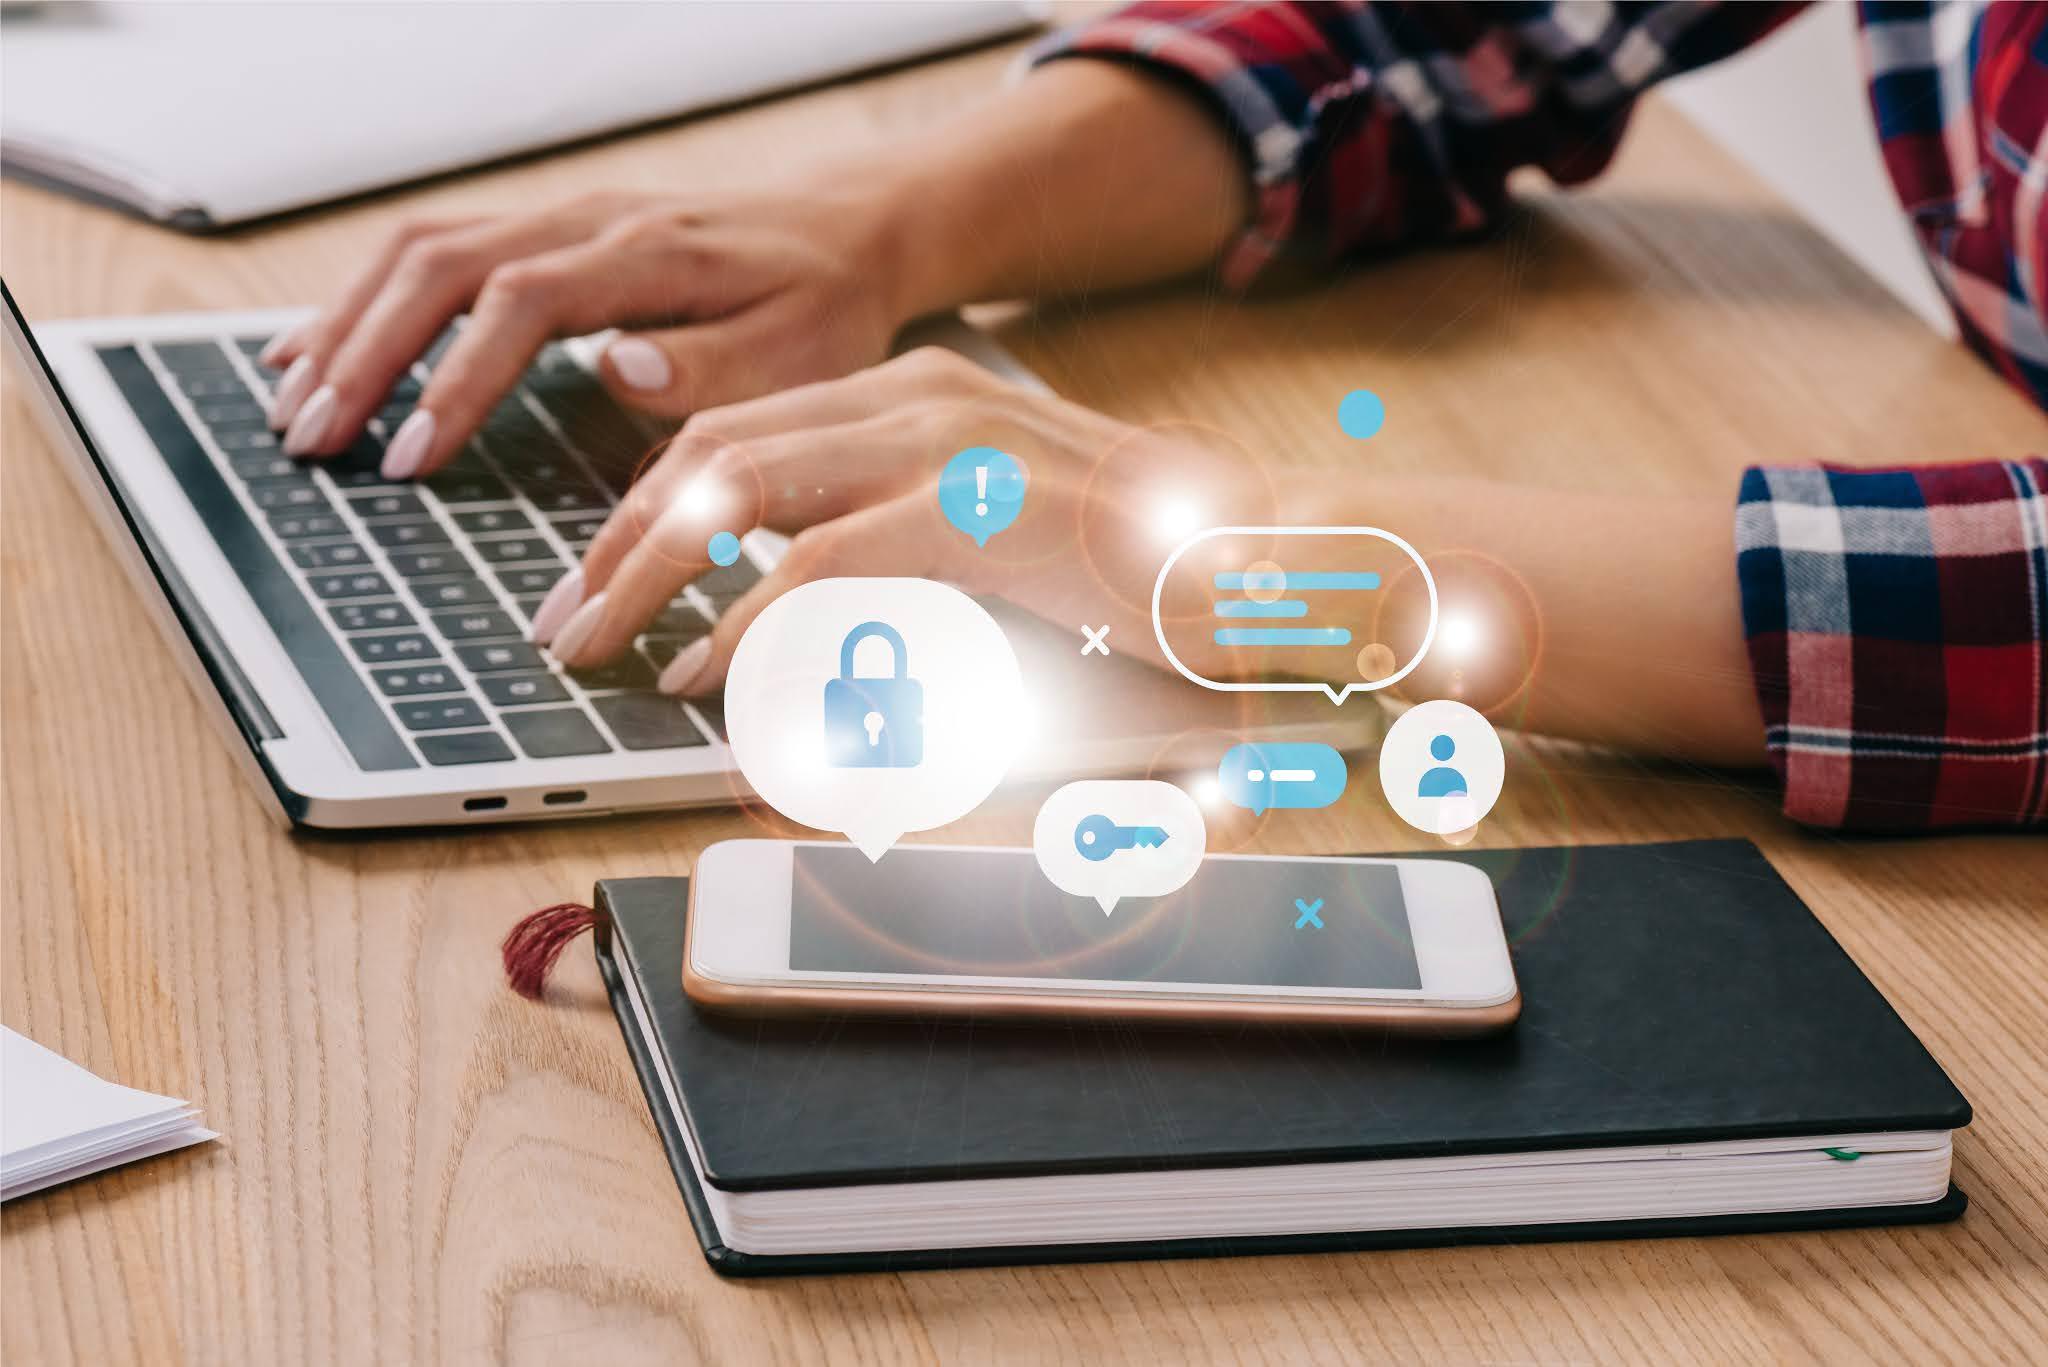 الأمن السيبراني cyber security ينمو بشكل ملحوظ في الإمارات بغرض الحماية من التهديدات الالكترونية